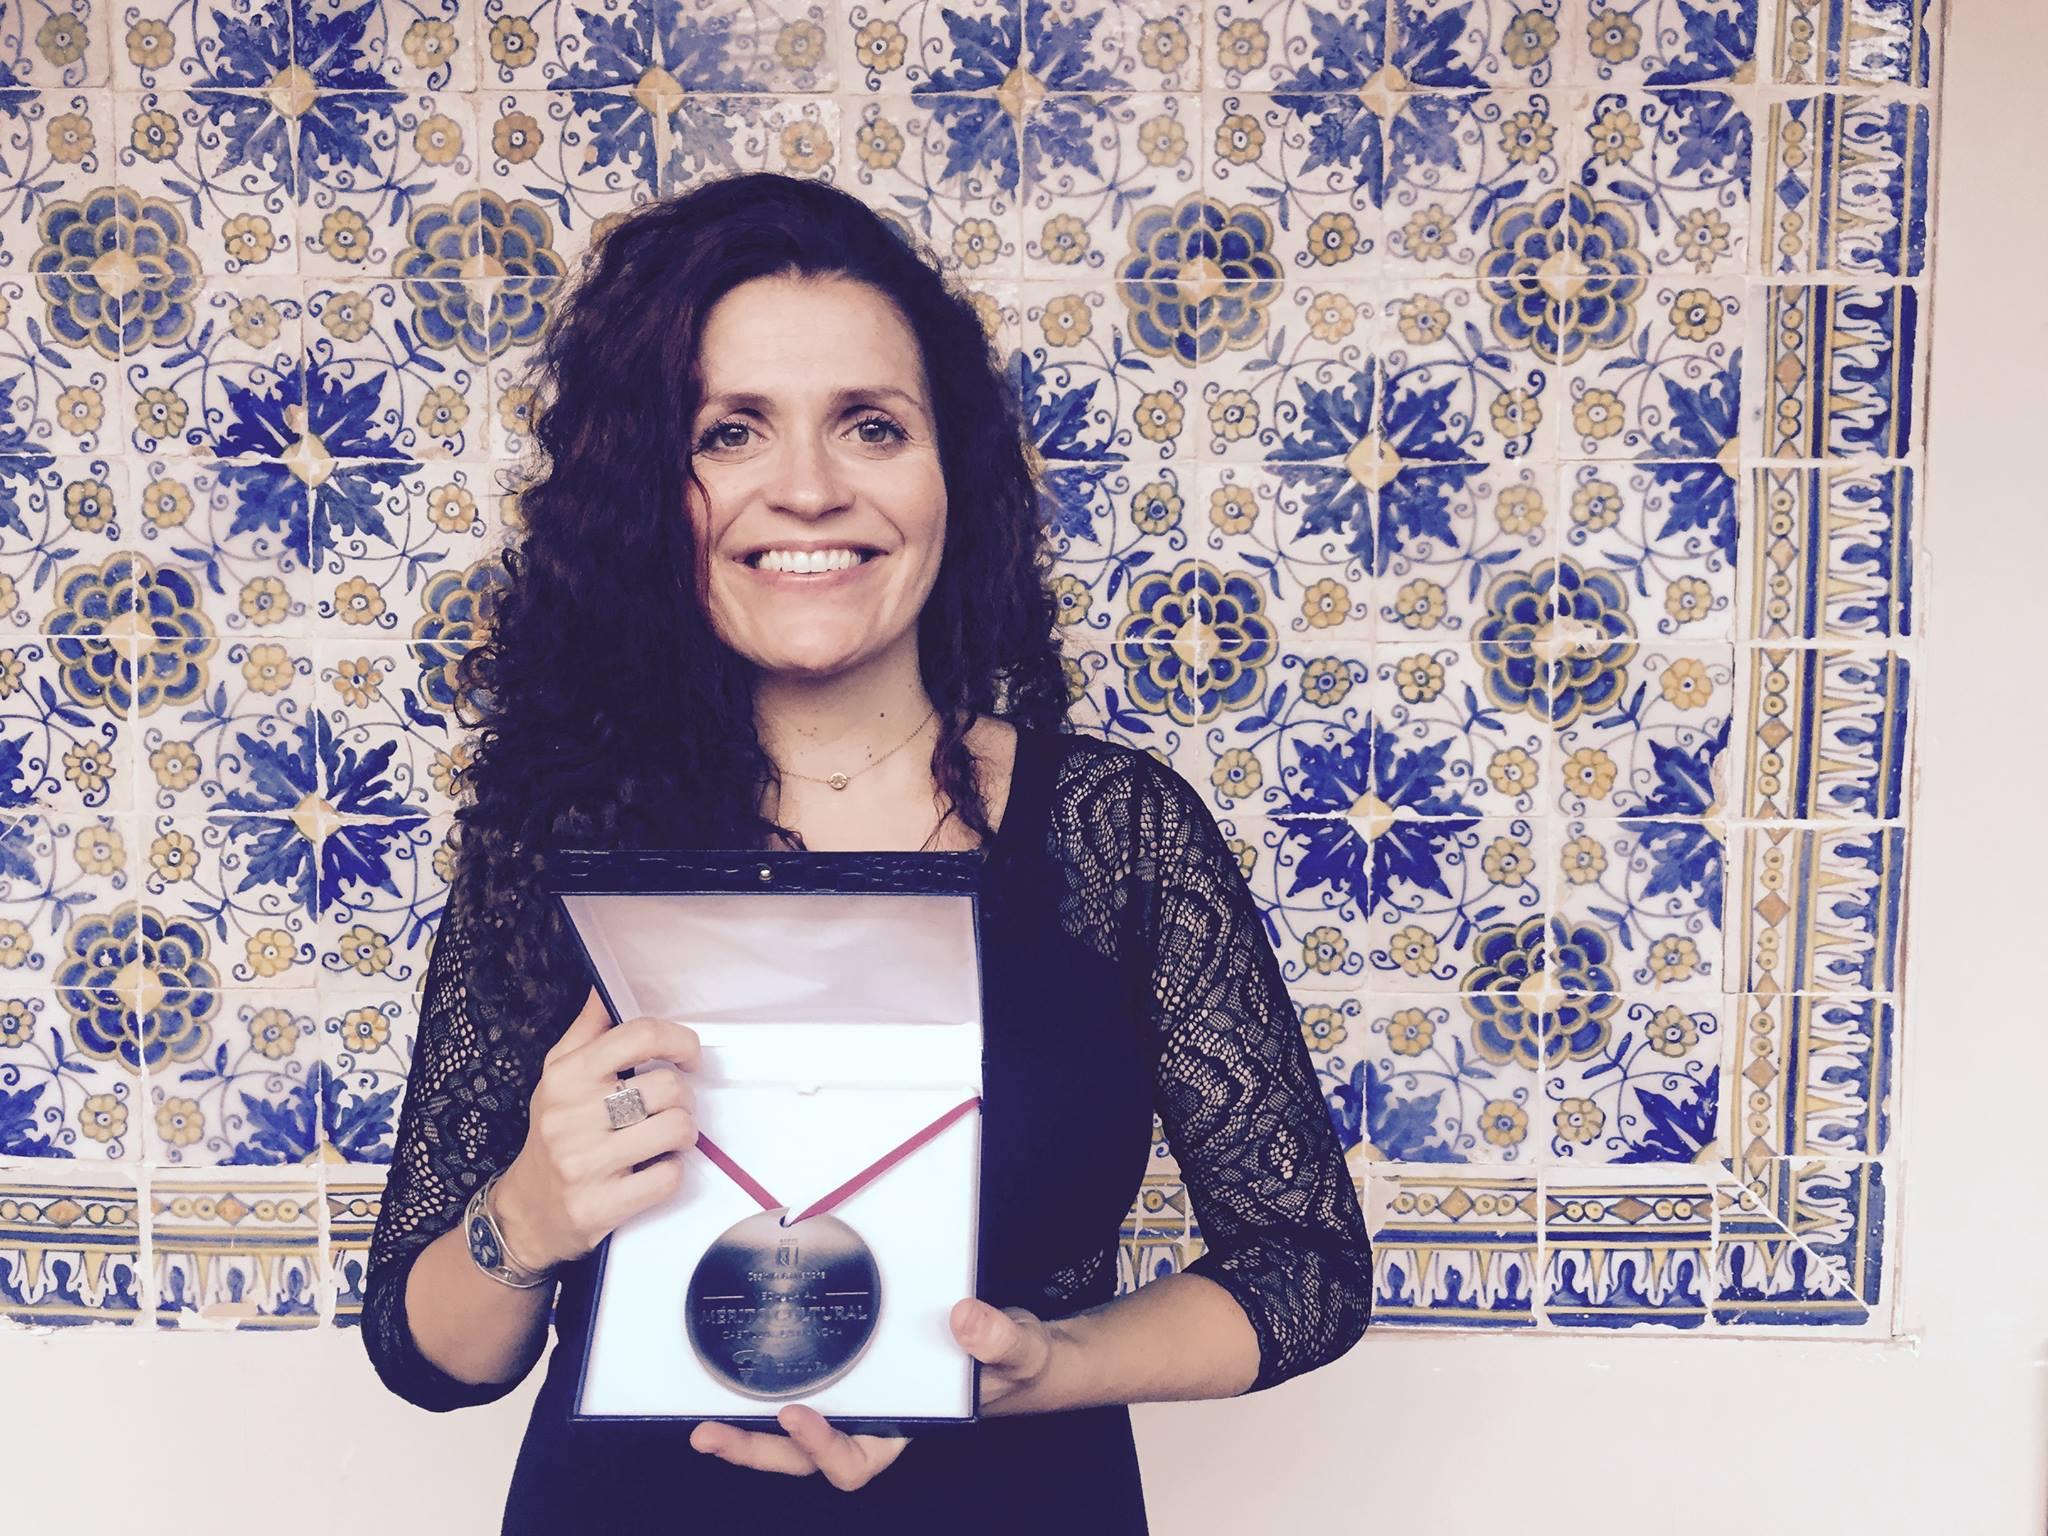 Medalla al mérito cultural en las artes escénicas y en la música · Primera edición Castilla la Mancha